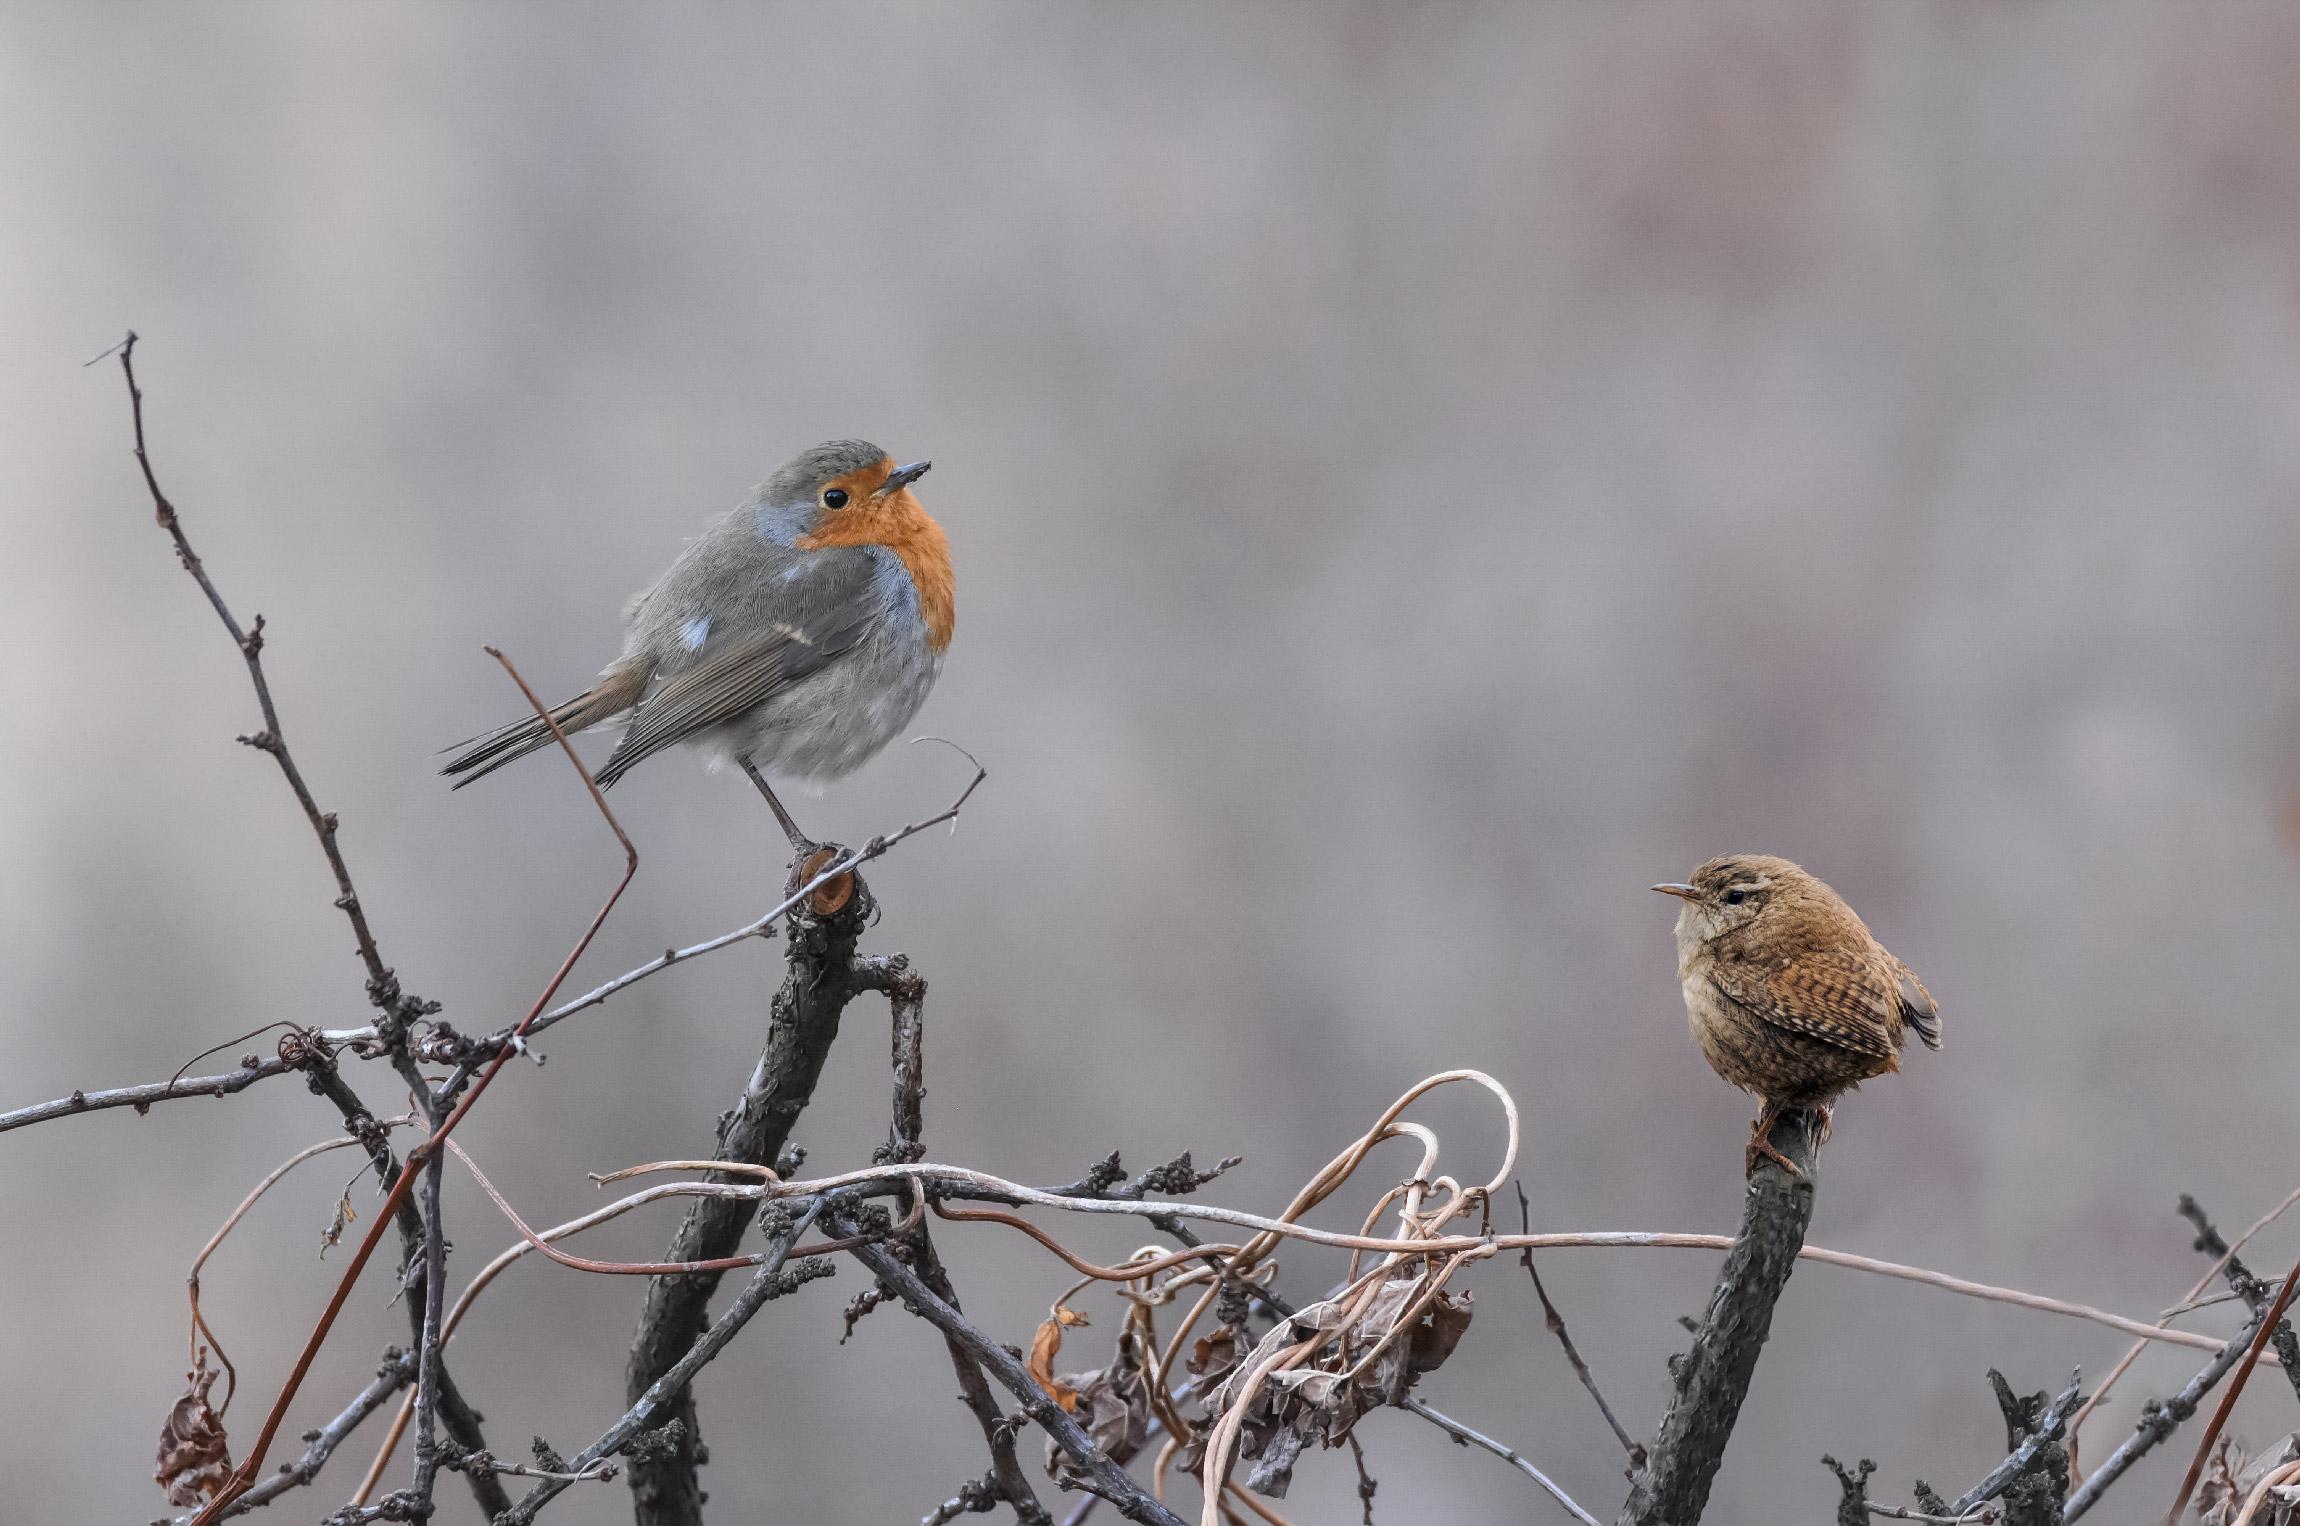 Robin vs. Wren...